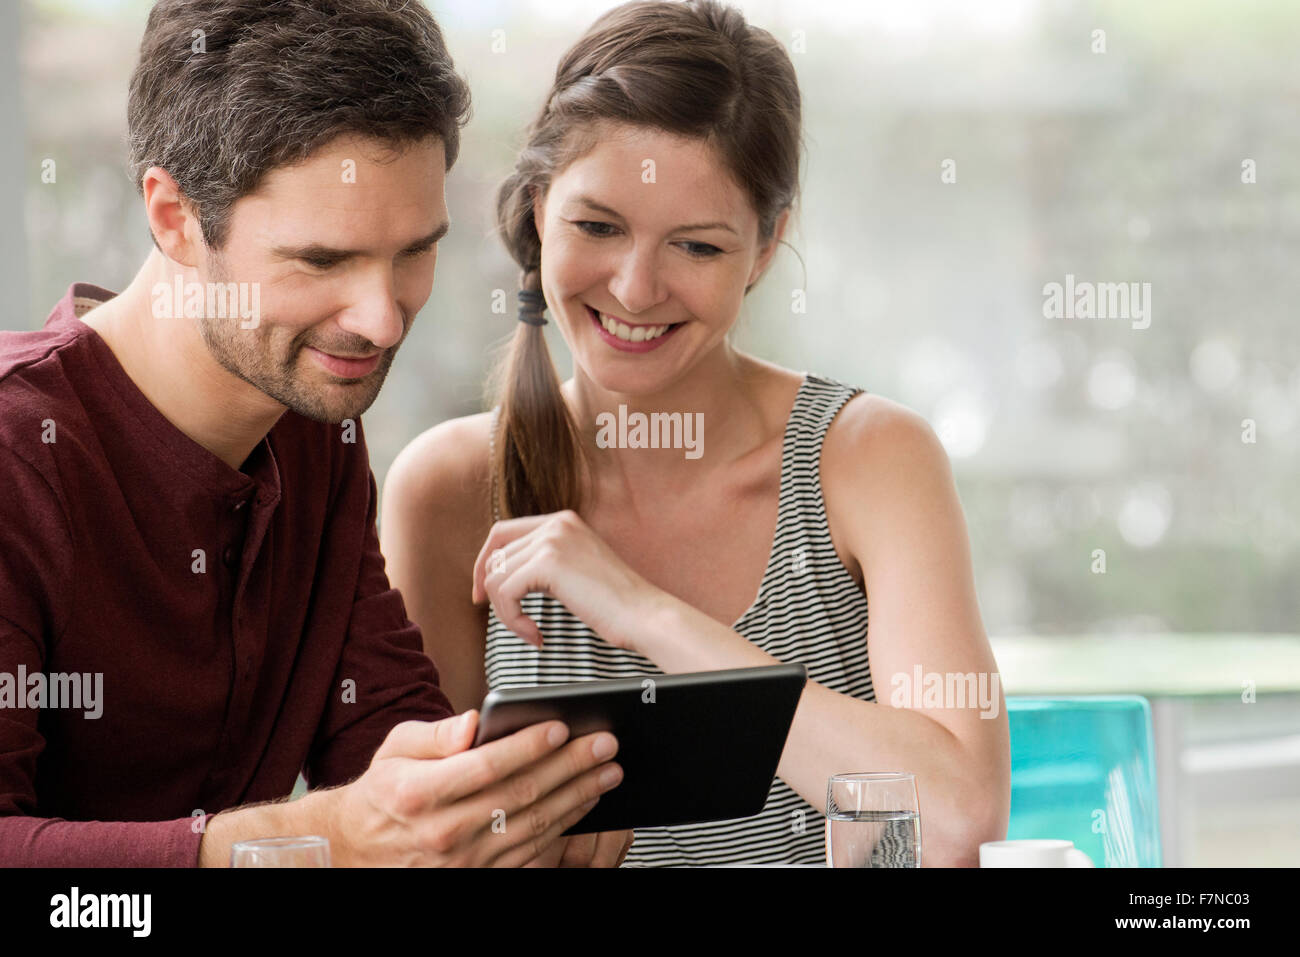 Tabletas digitales permiten amigos para compartir fotos fácilmente Imagen De Stock